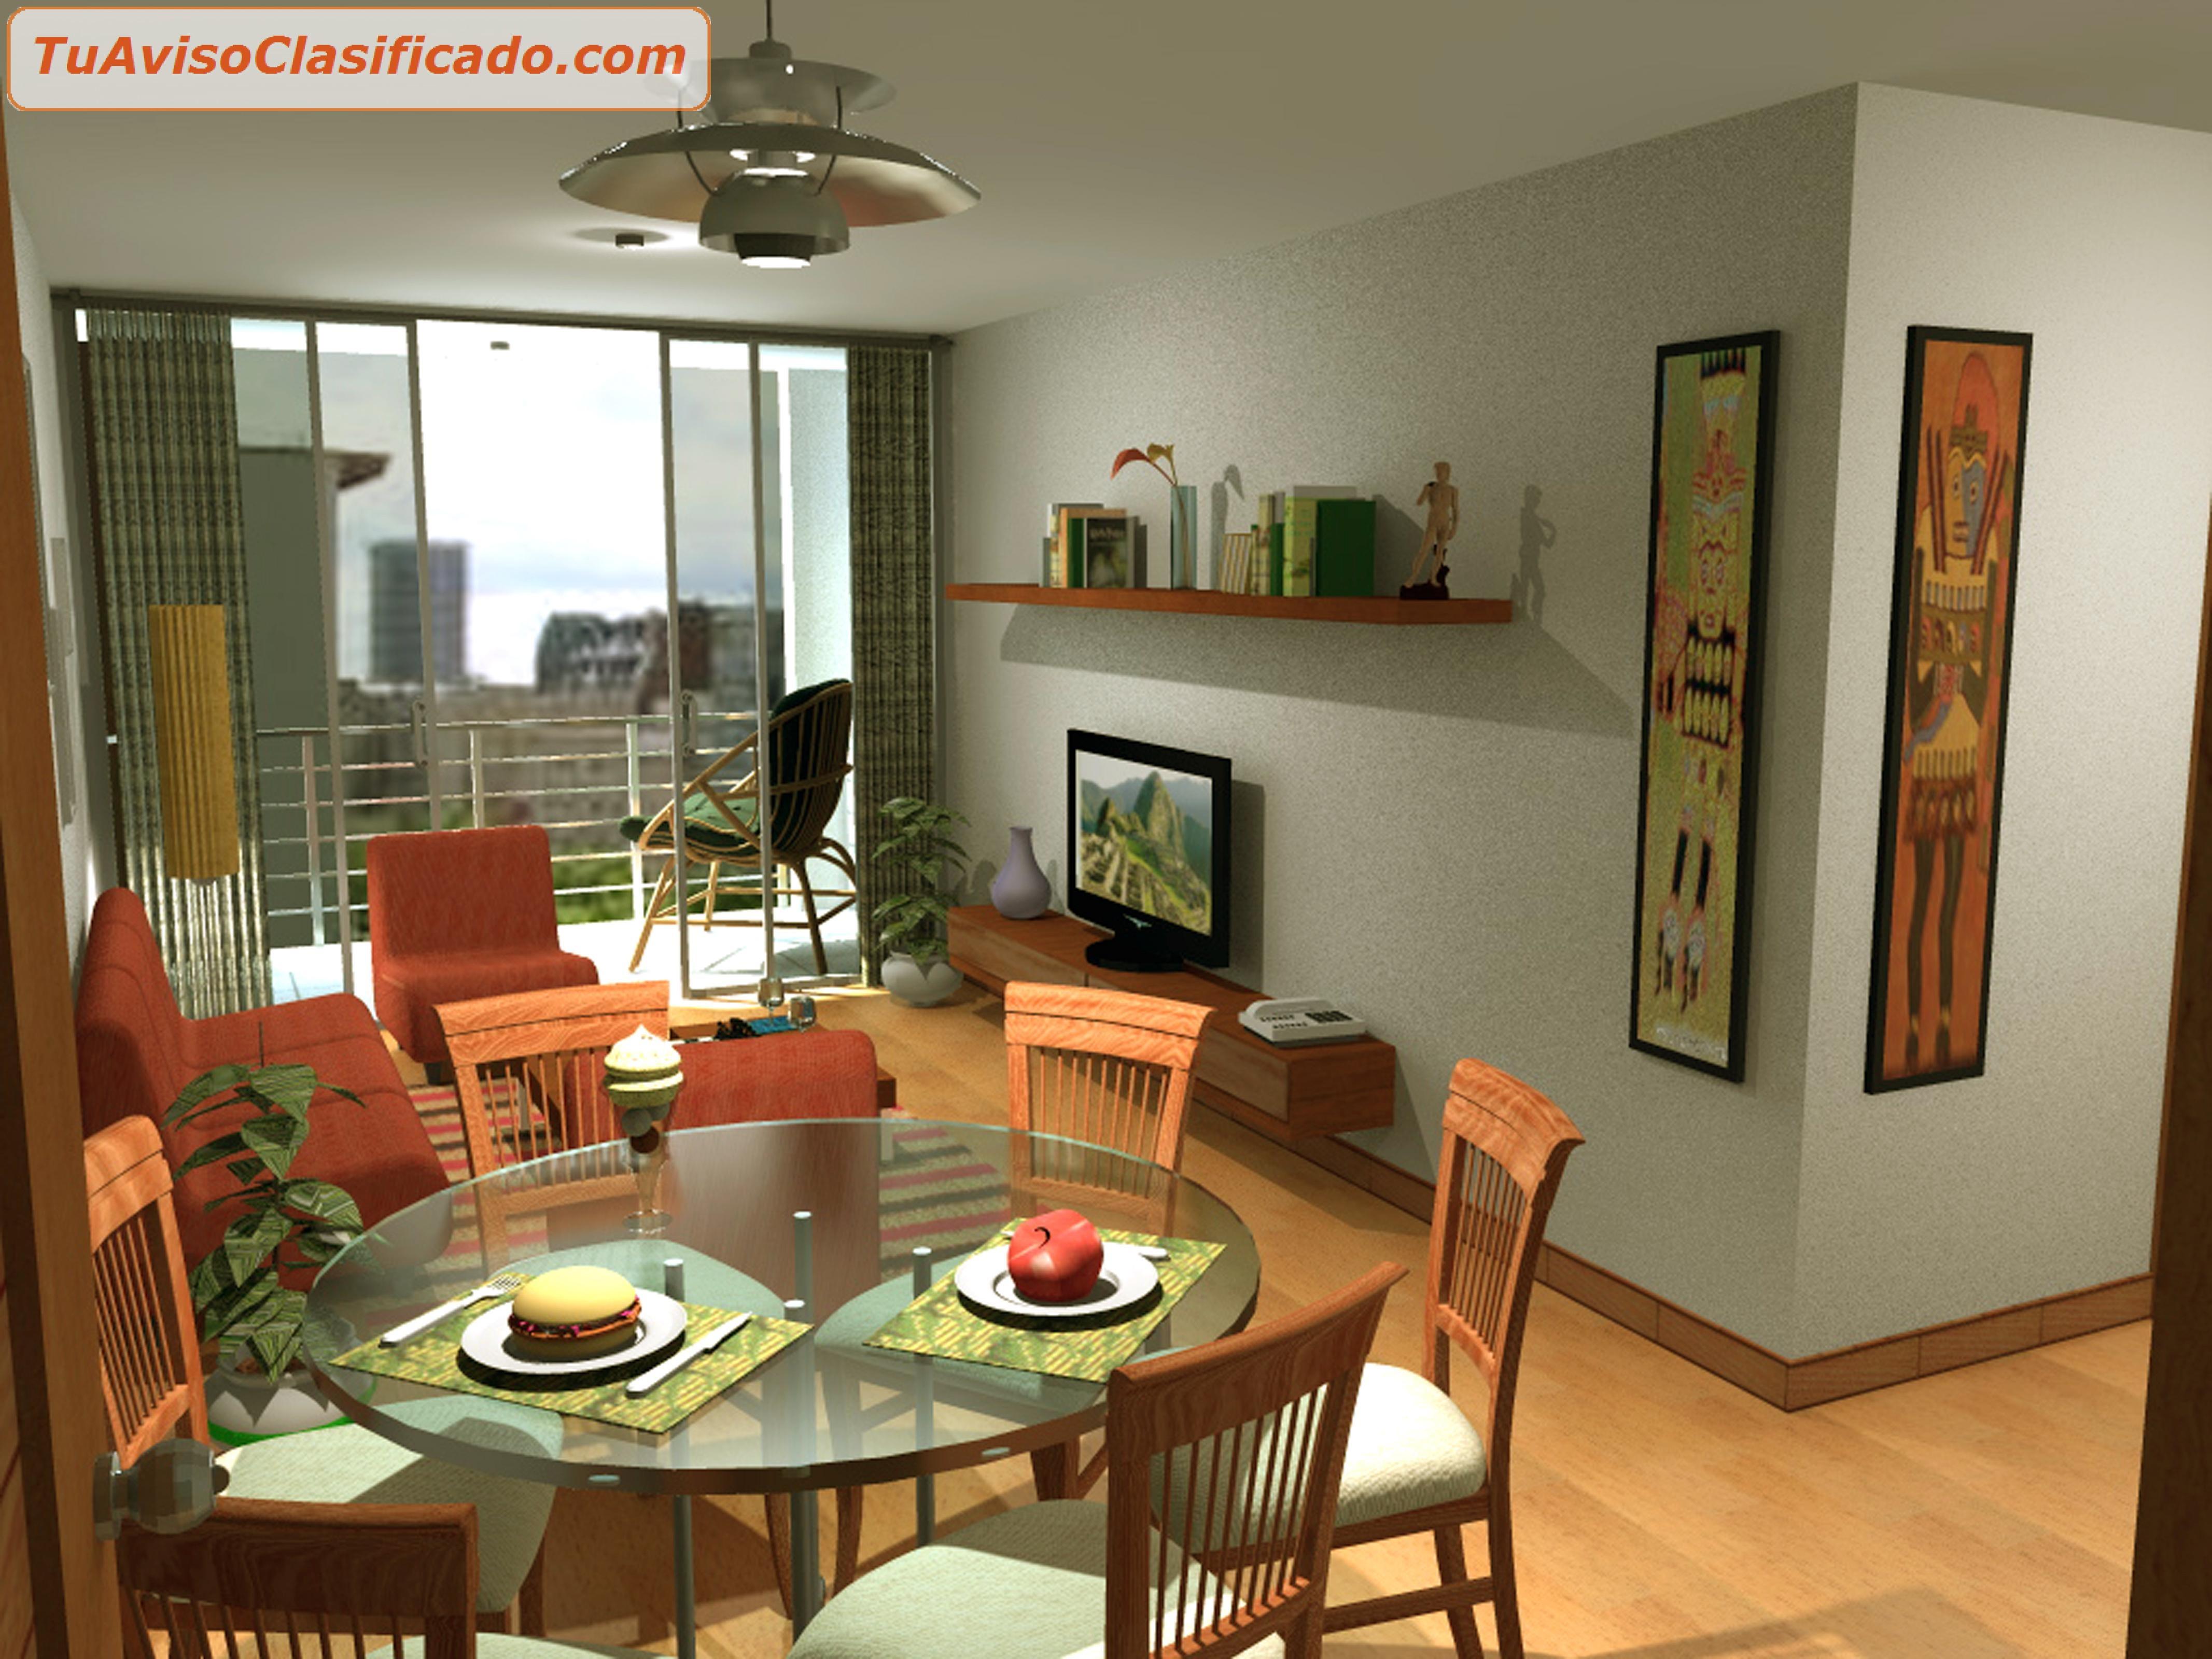 Departamentos de 2 y 3 dormitorios inmuebles y Departamento 3 habitaciones